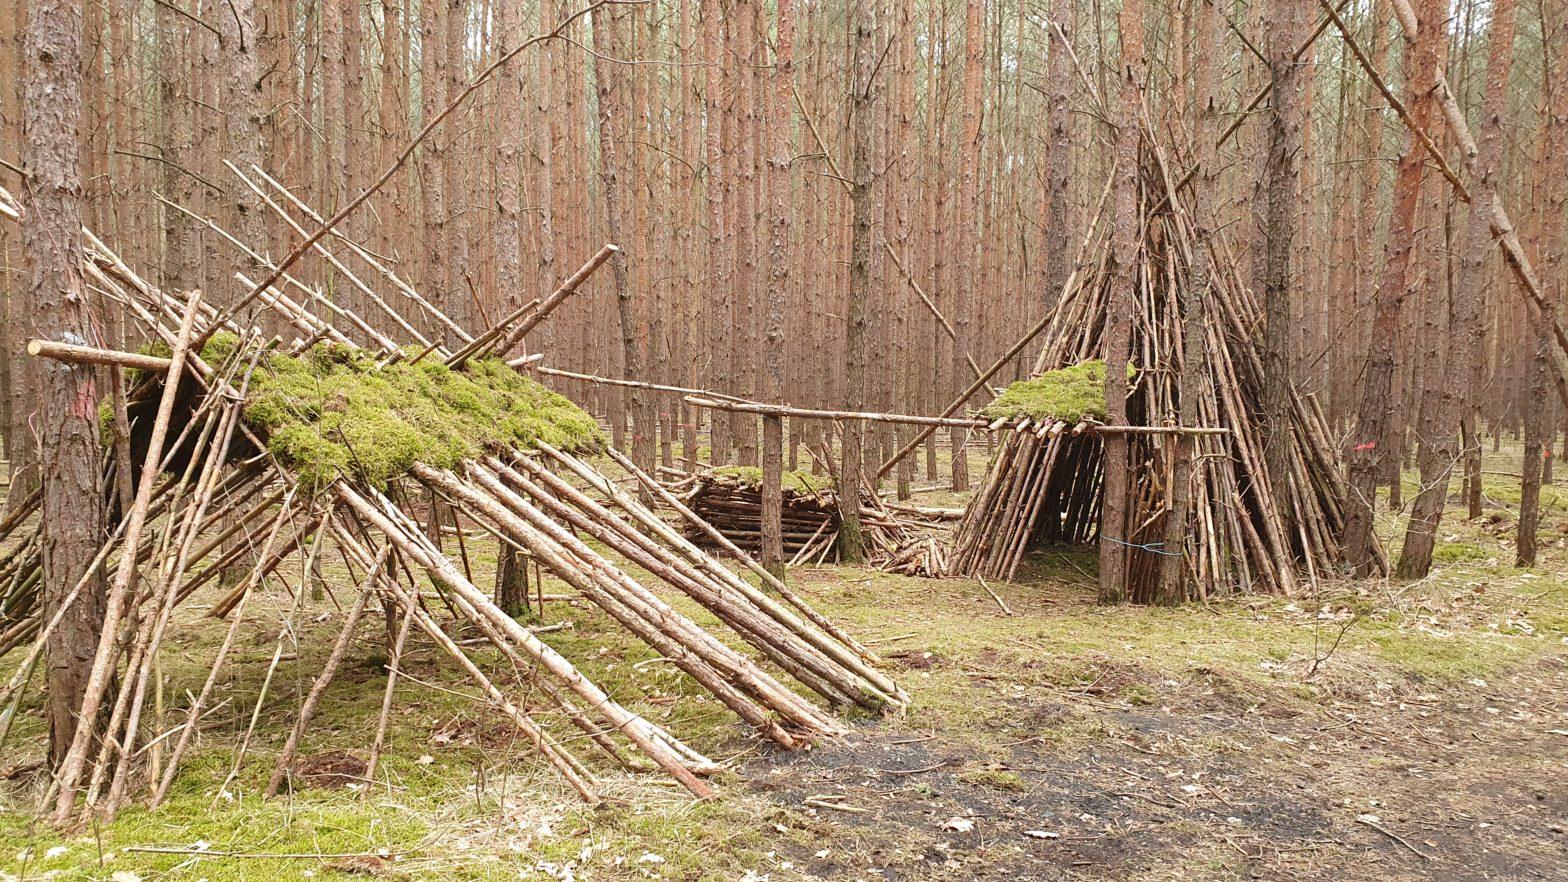 Hütten im Kiefernwald